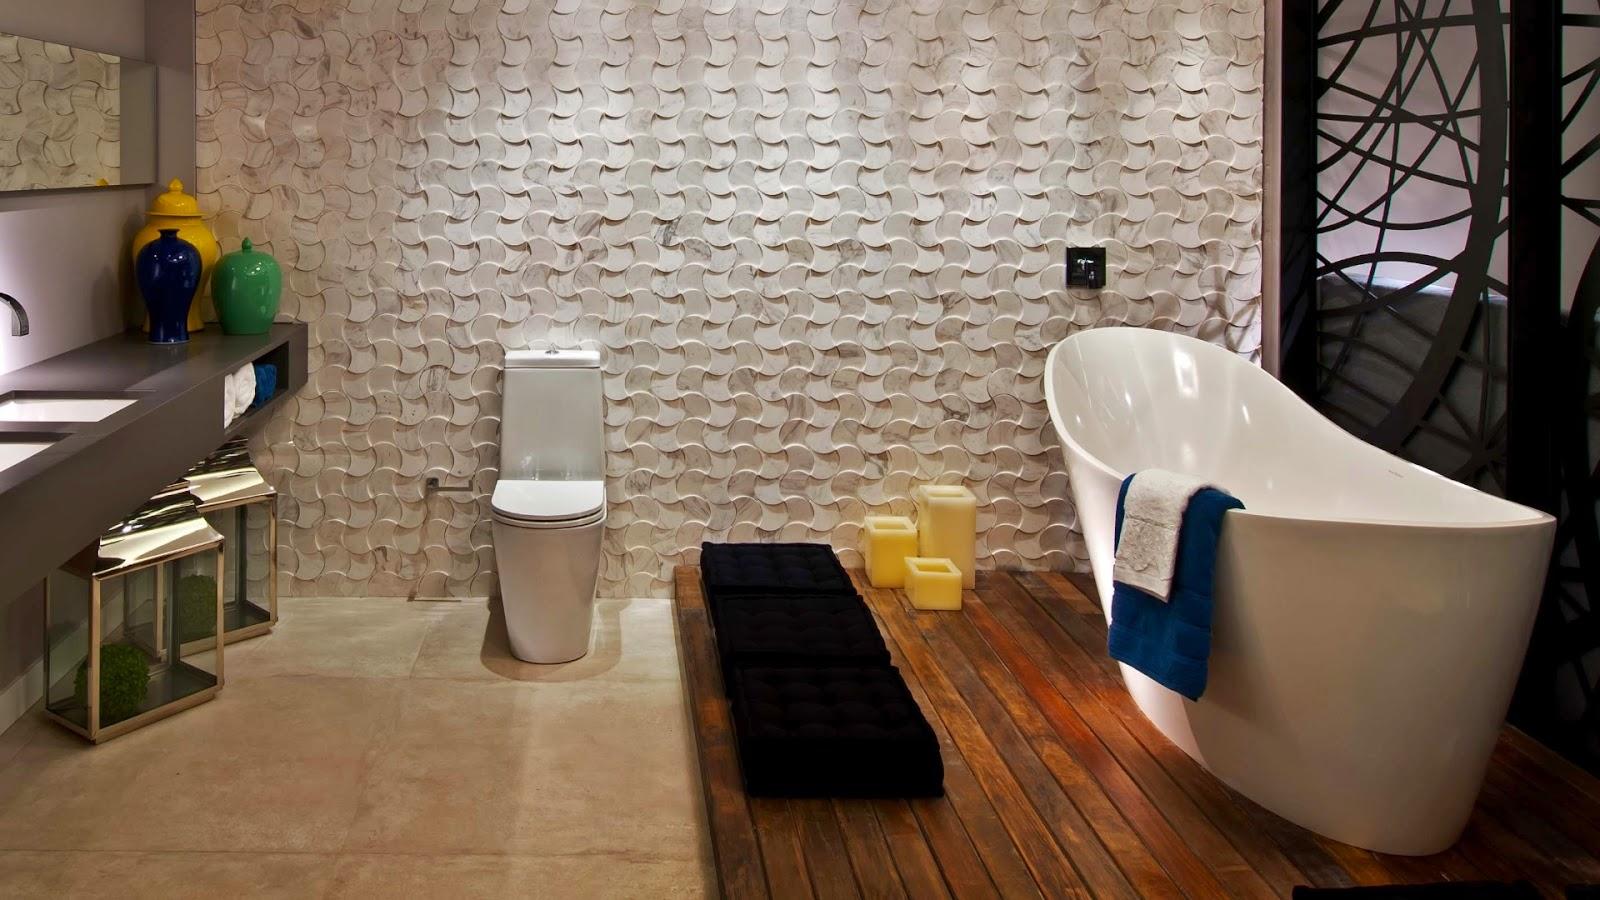 Banheiro com deck de madeira na banheira. Essa opção vem sendo muito  #A87923 1600 900